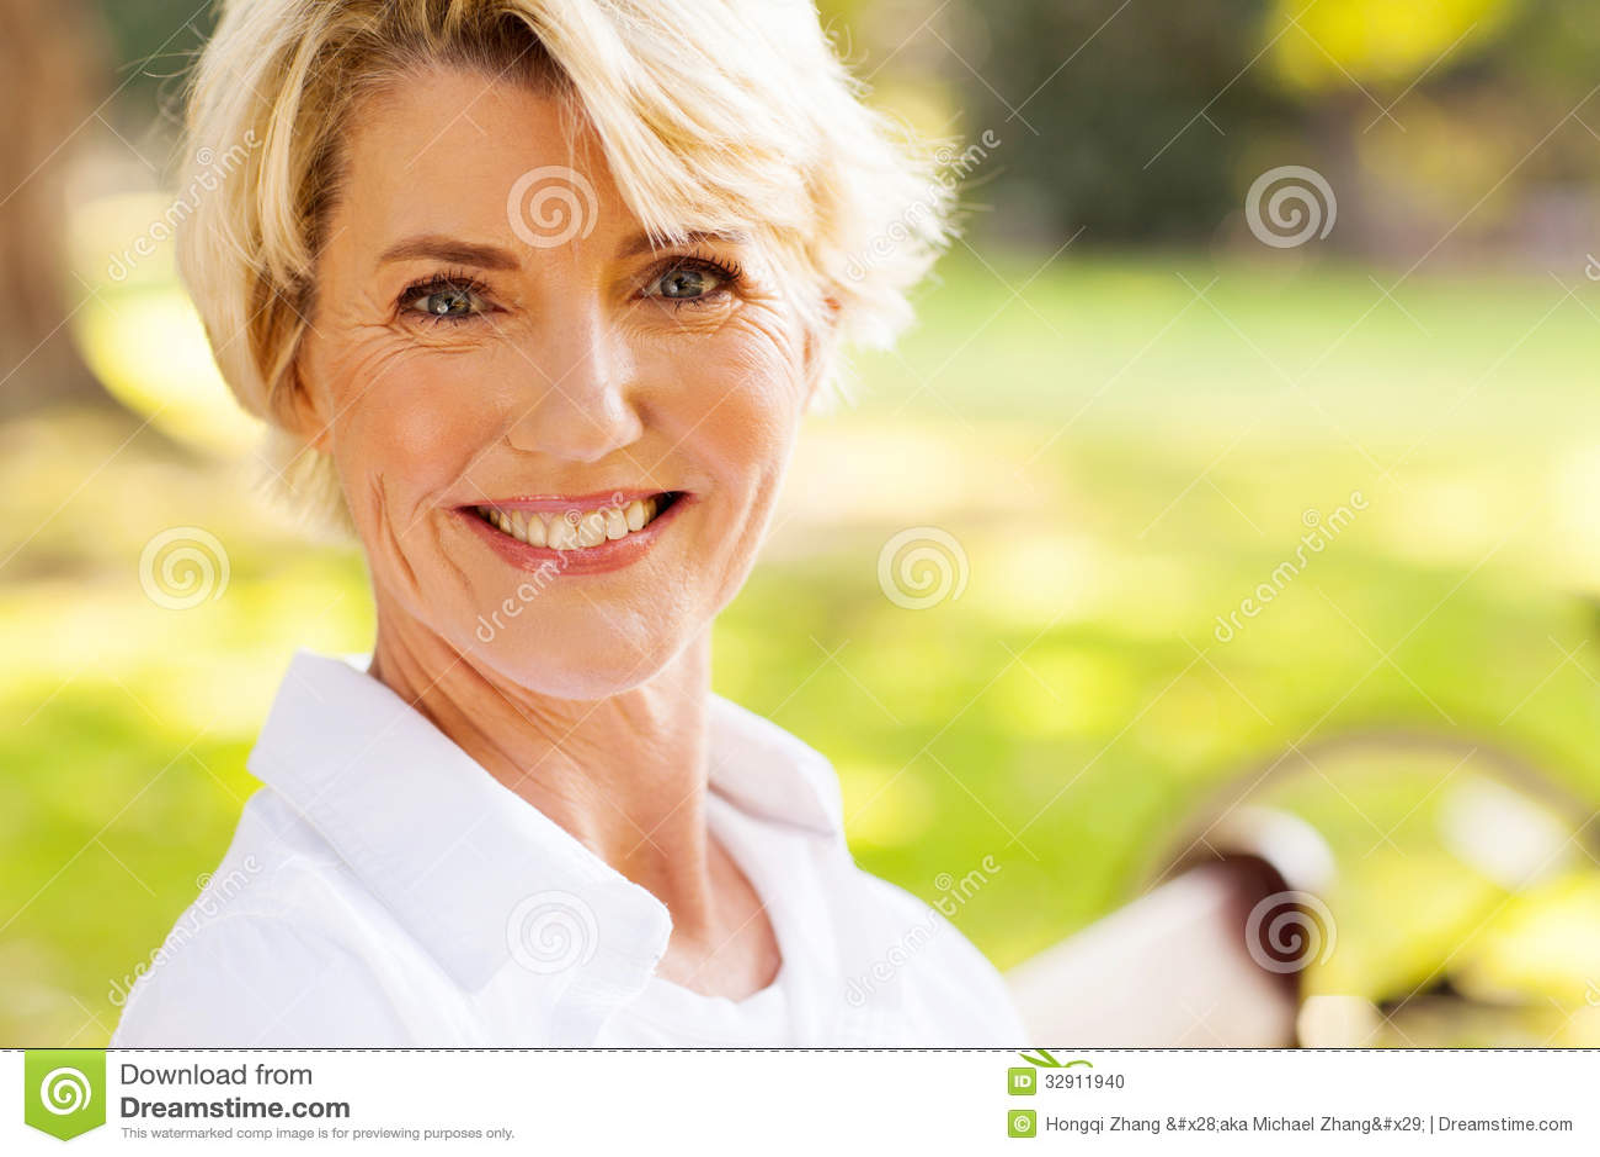 Что желает зрелая женщина 20 фотография